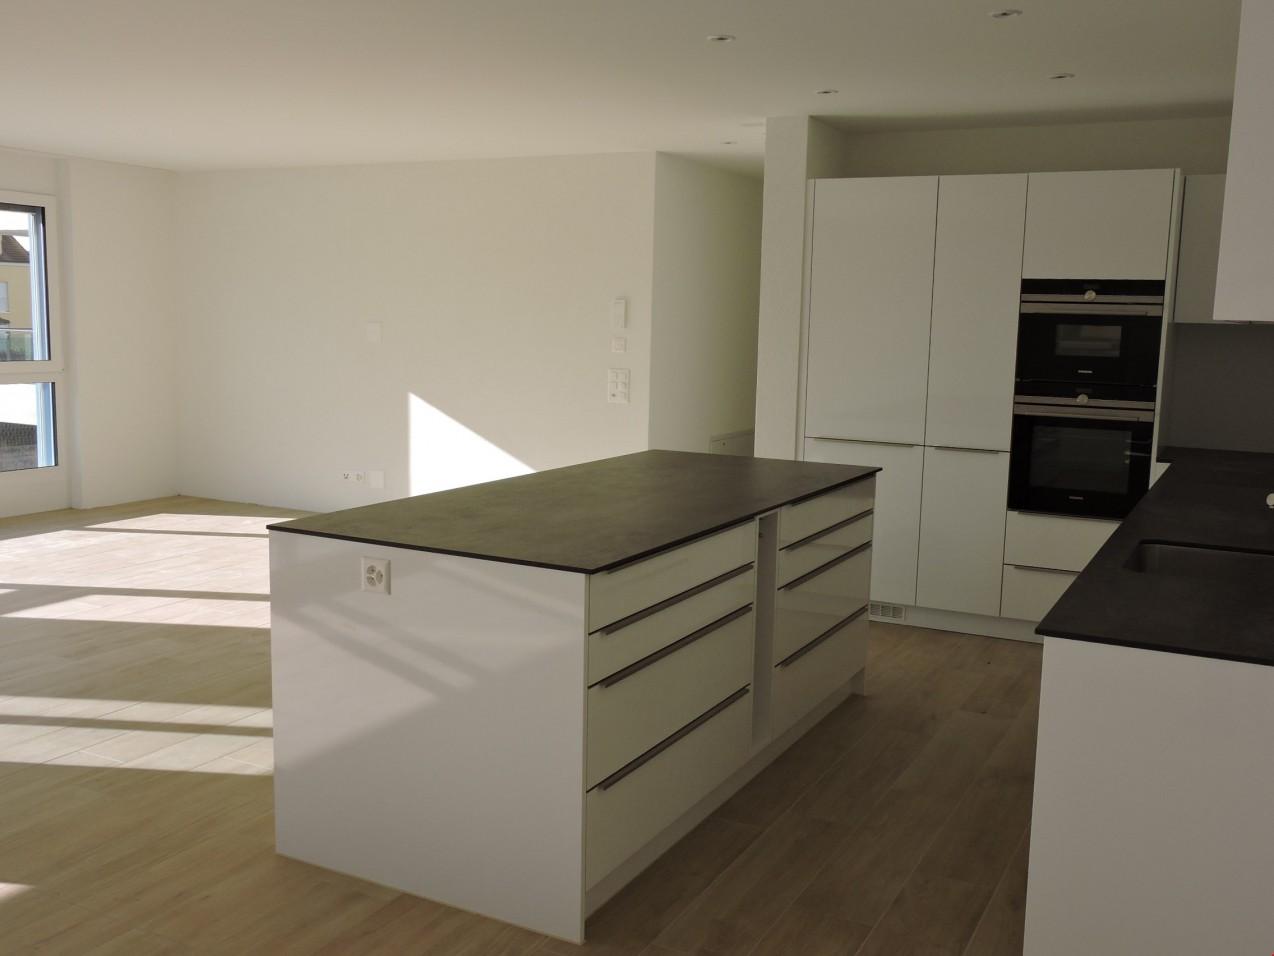 Tolle Kücheninsel Wohnzimmer Mit Blick Auf Fotos - Küchen Design ...